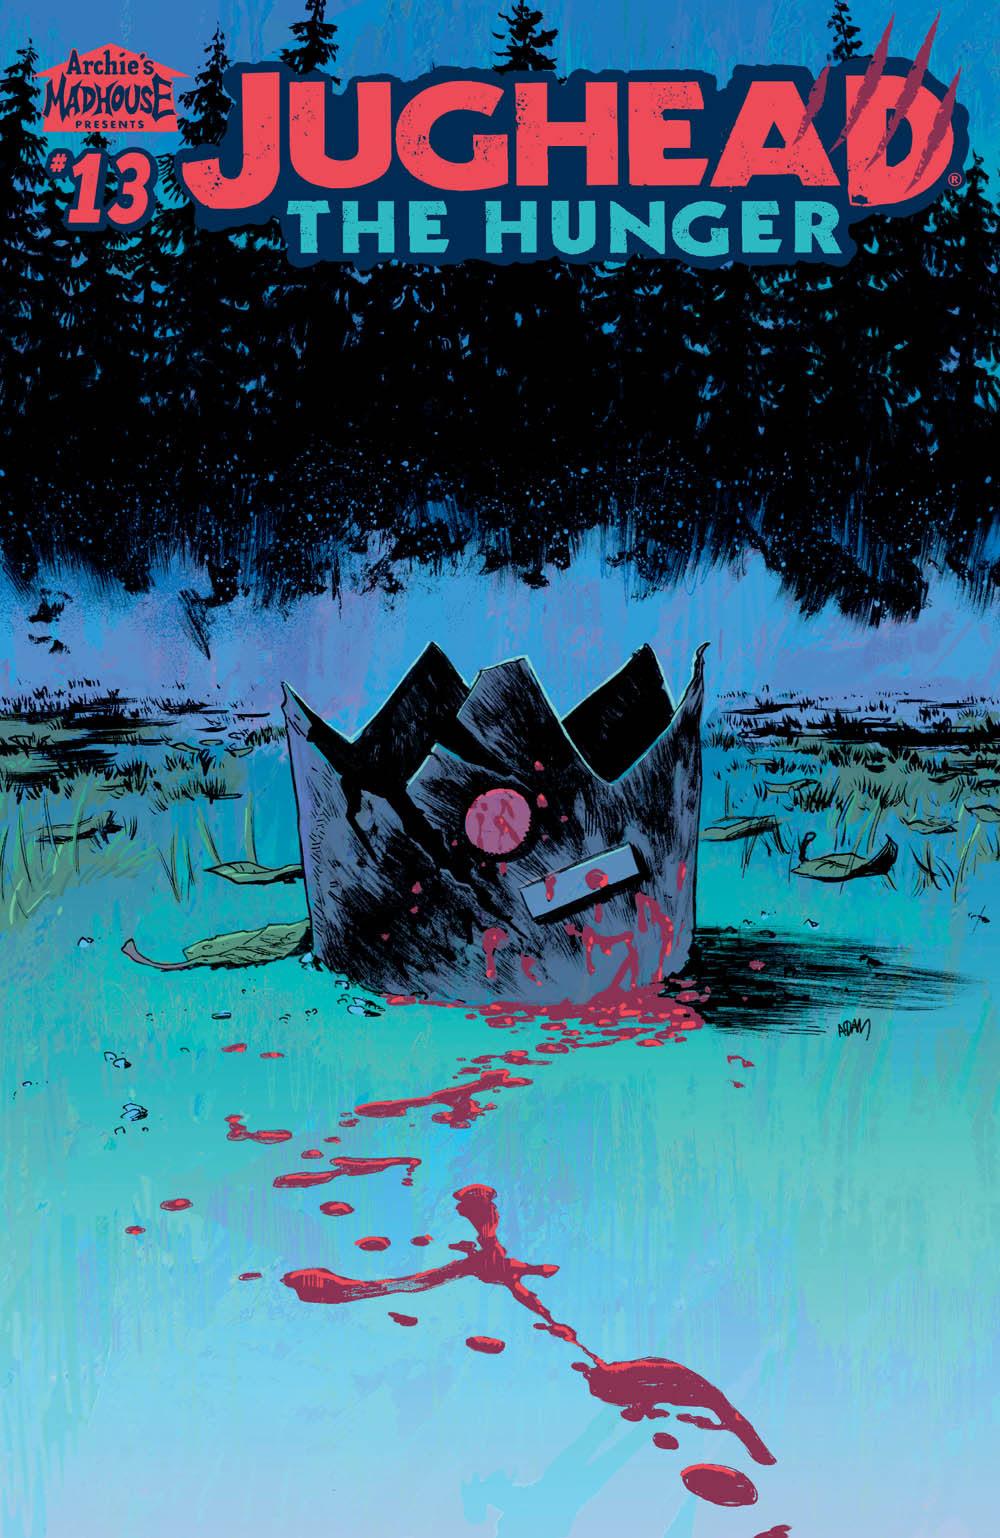 JUGHEAD: THE HUNGER #13: CVR A Gorham